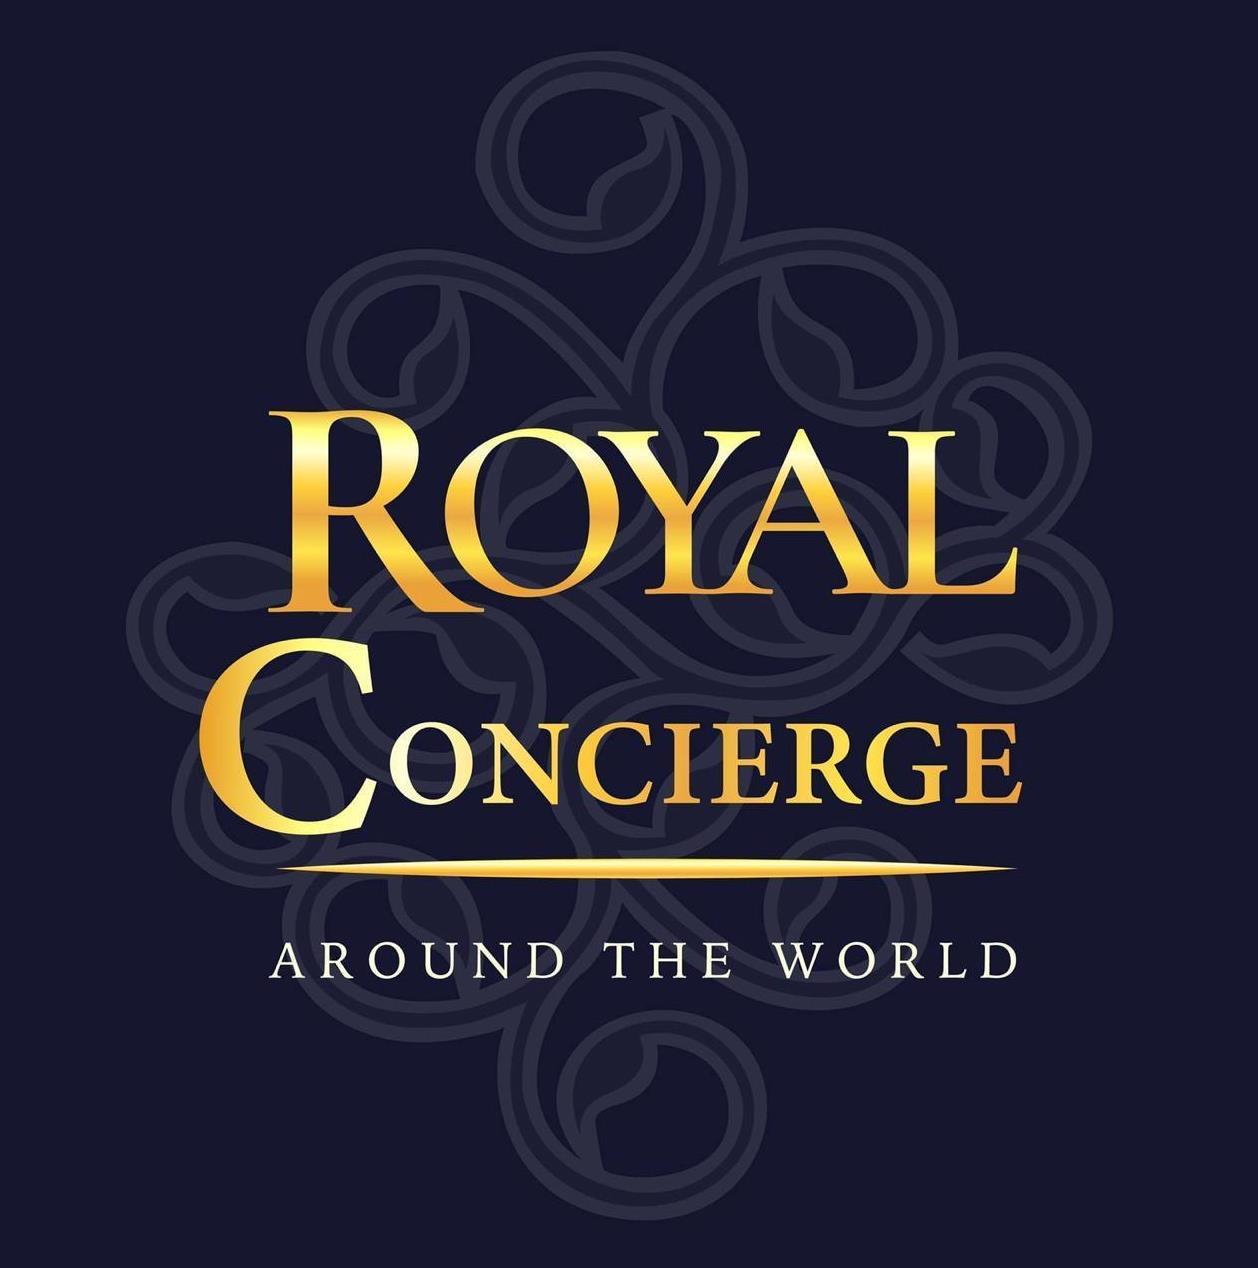 Royal Concierge